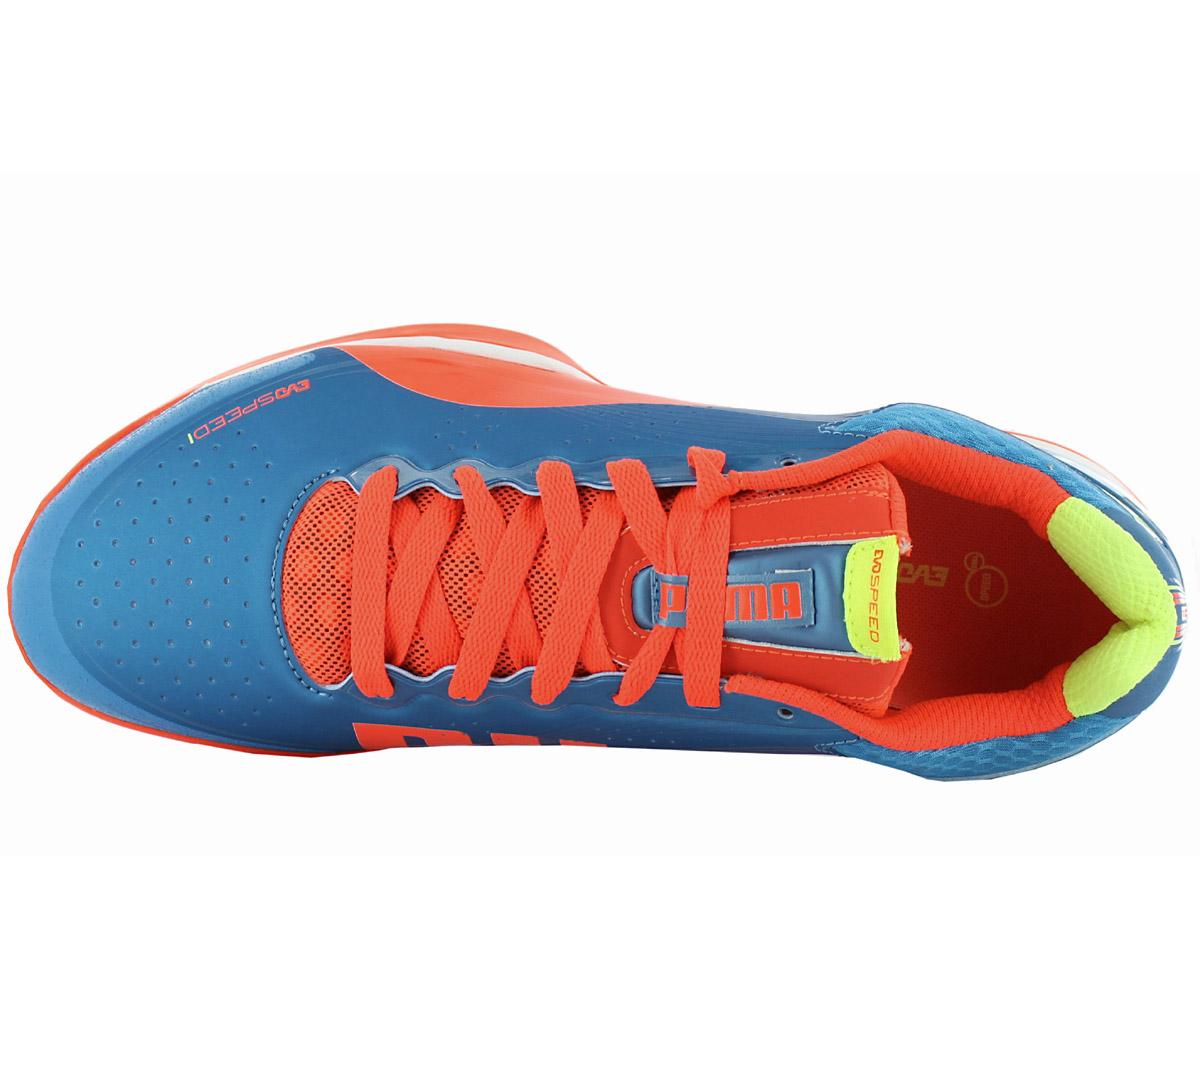 c339e946c Puma Evospeed Indoor 1.2 Men s Handball Squash 102850-03 New